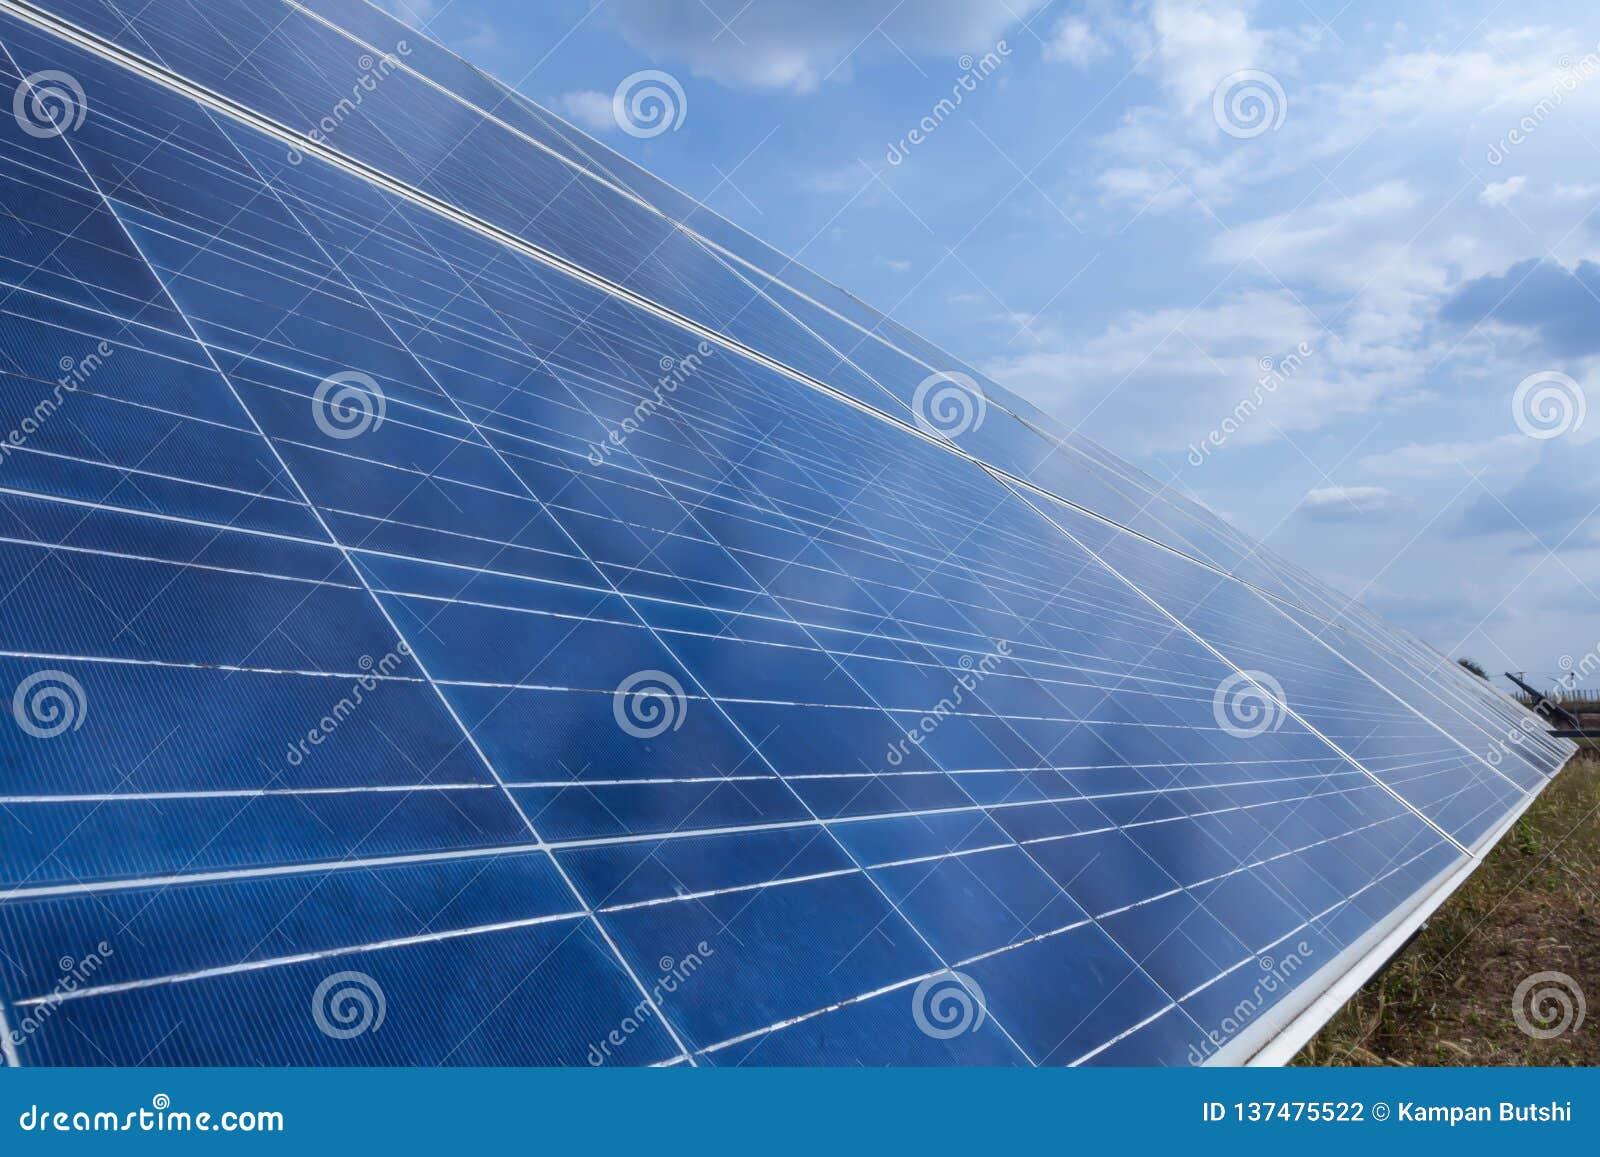 太阳电池板,供选择的电来源-能承受的资源的概念和这是可能引起的一个新的系统